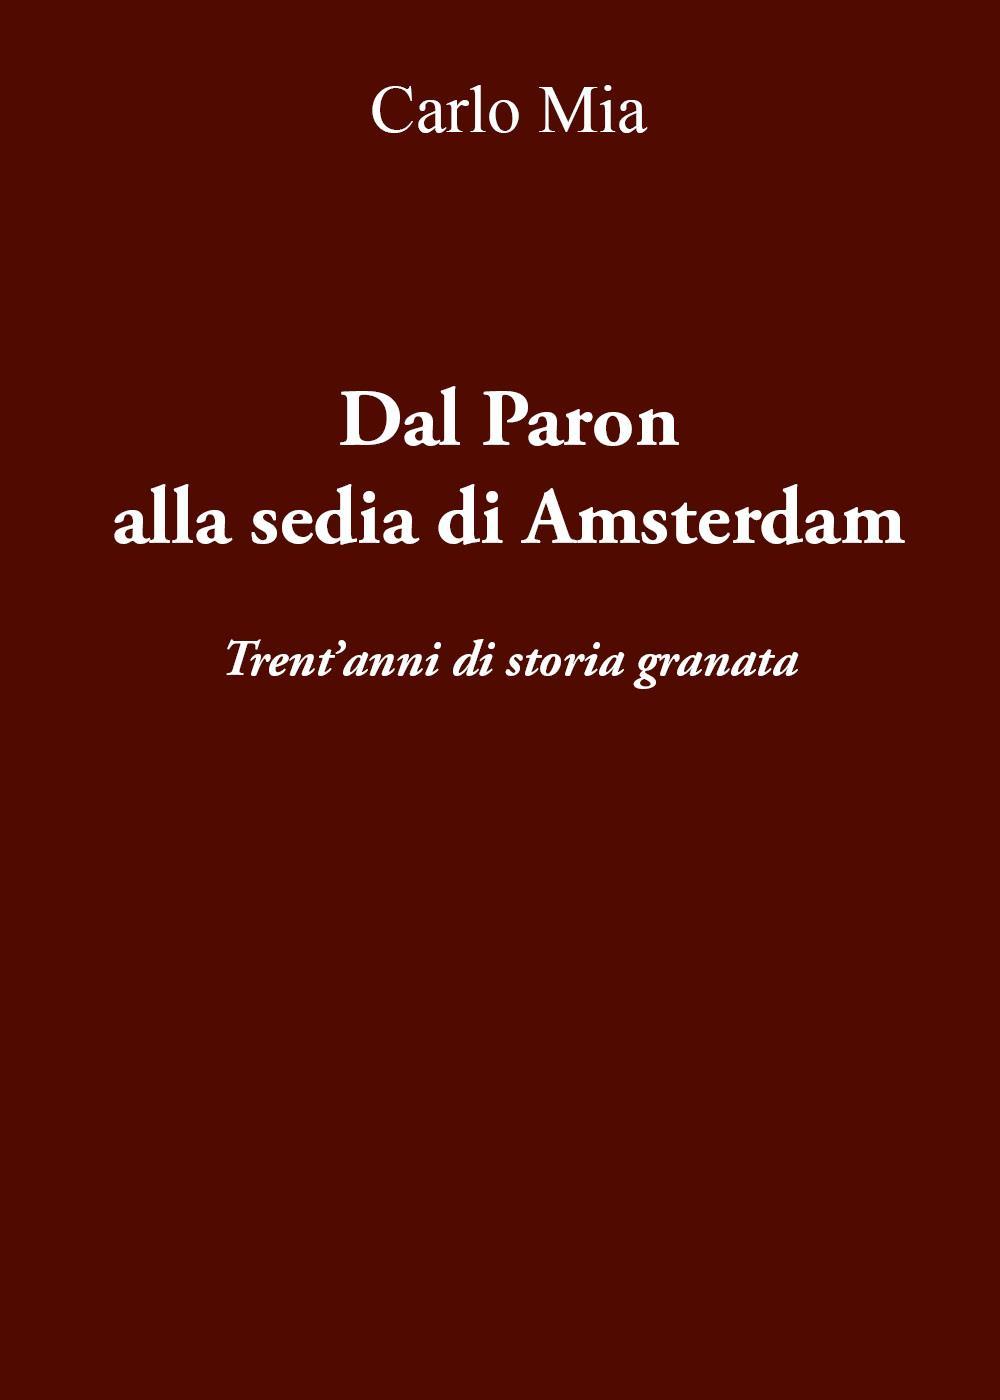 Dal Paron alla sedia di Amsterdam Trent'anni di storia granata